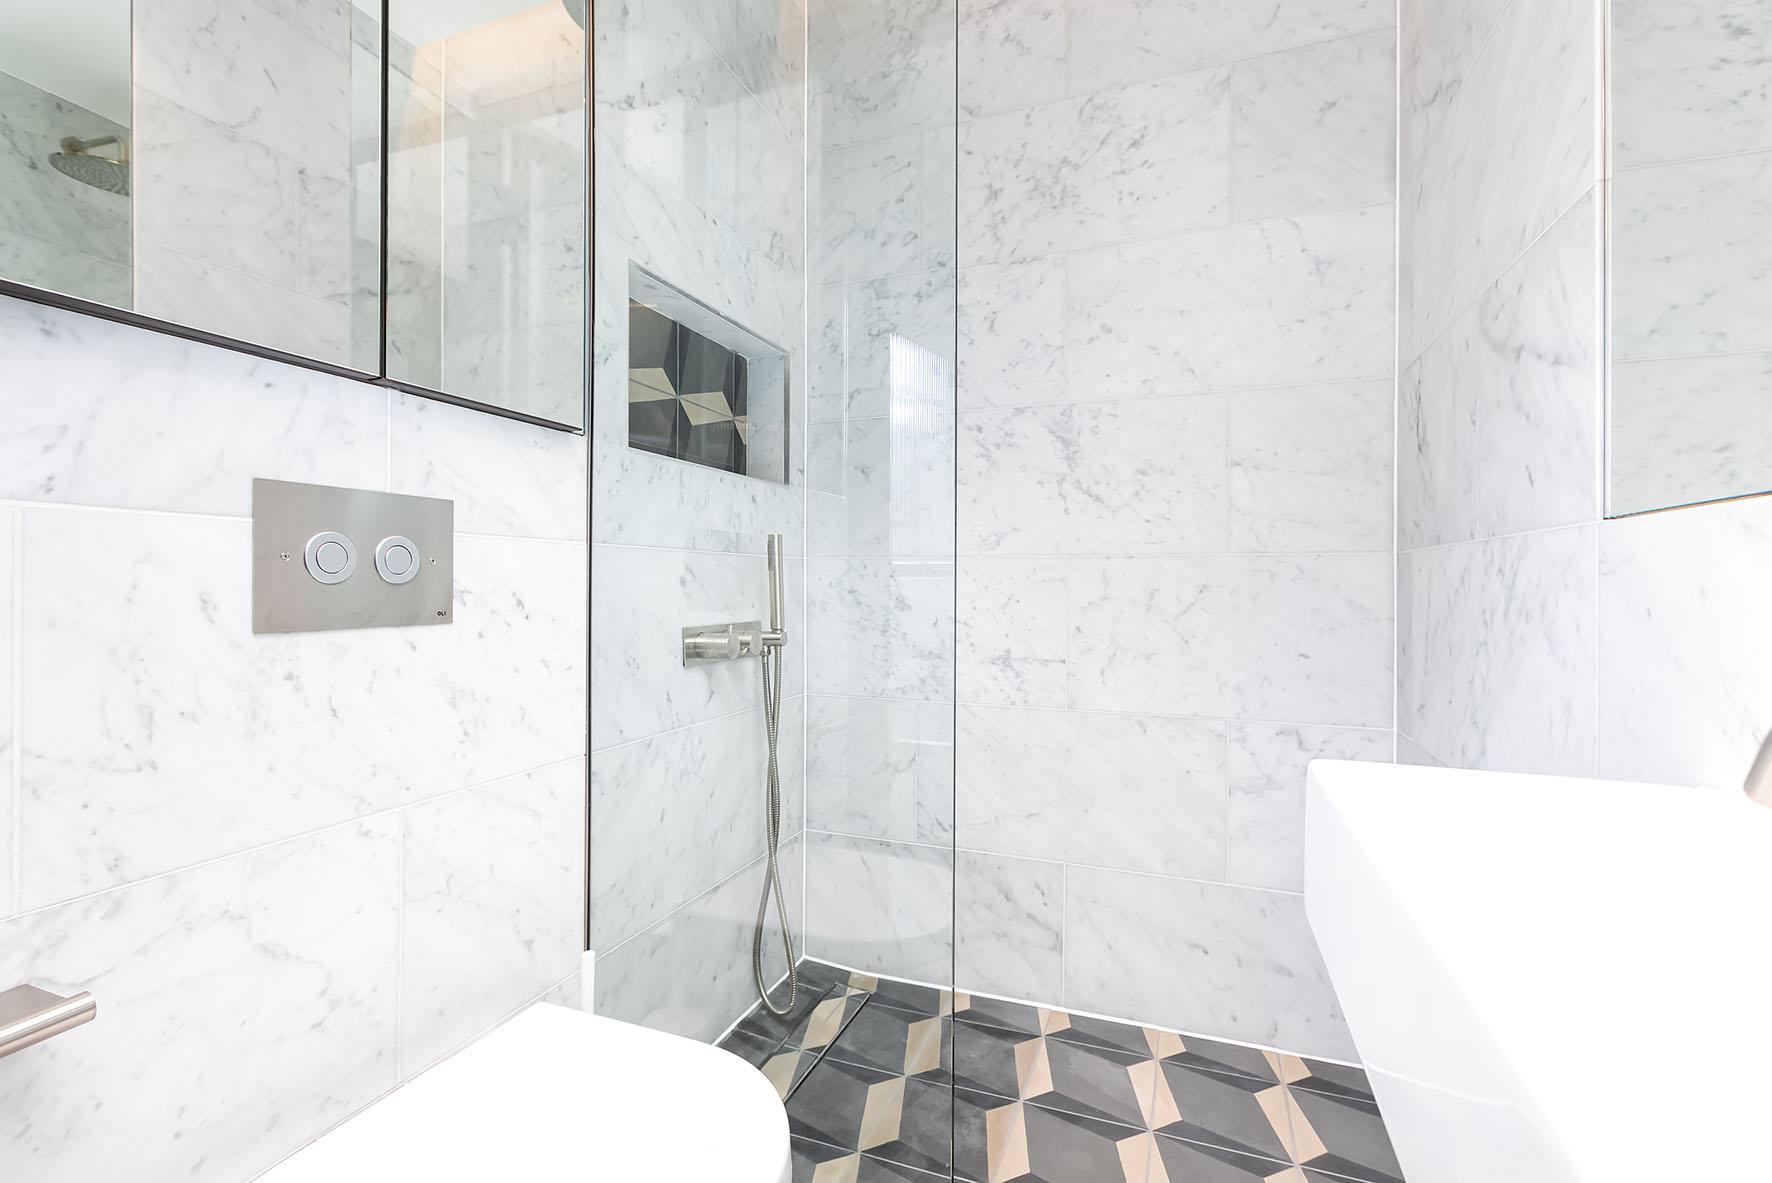 Lovelydays luxury service apartment rental - London - Soho - Noel Street VI - Lovelysuite - 2 bedrooms - 2 bathrooms - Lovely shower - 6cbe68256681 - Lovelydays